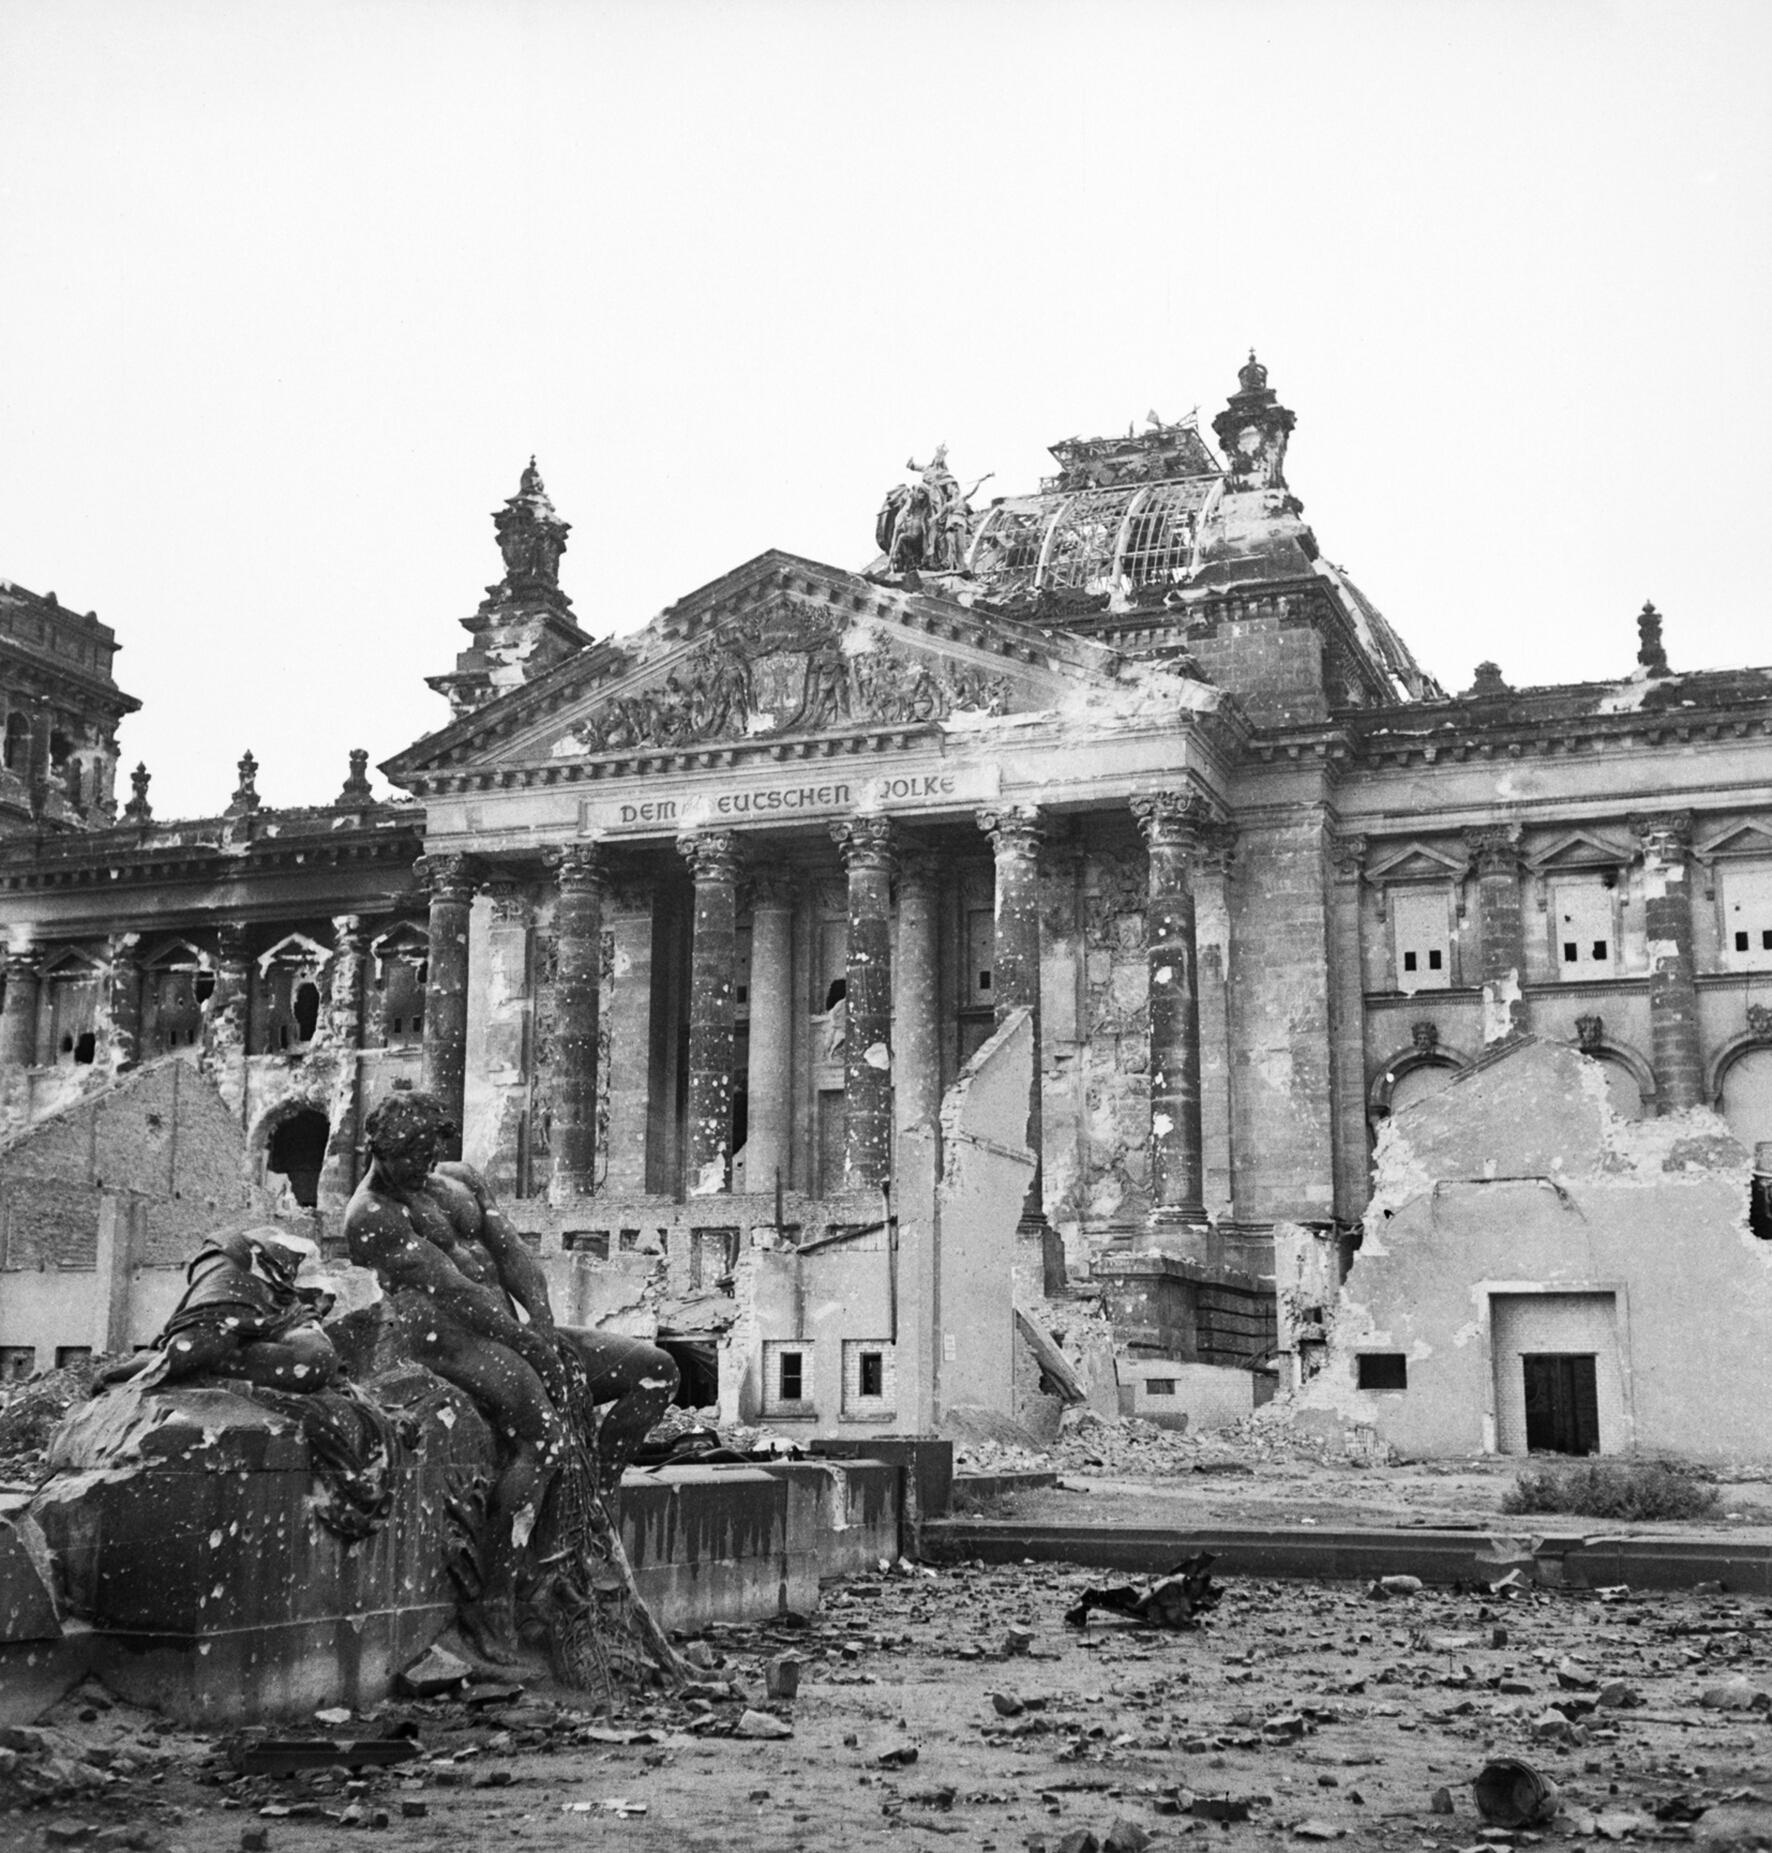 Götterdämmerung Deutschland